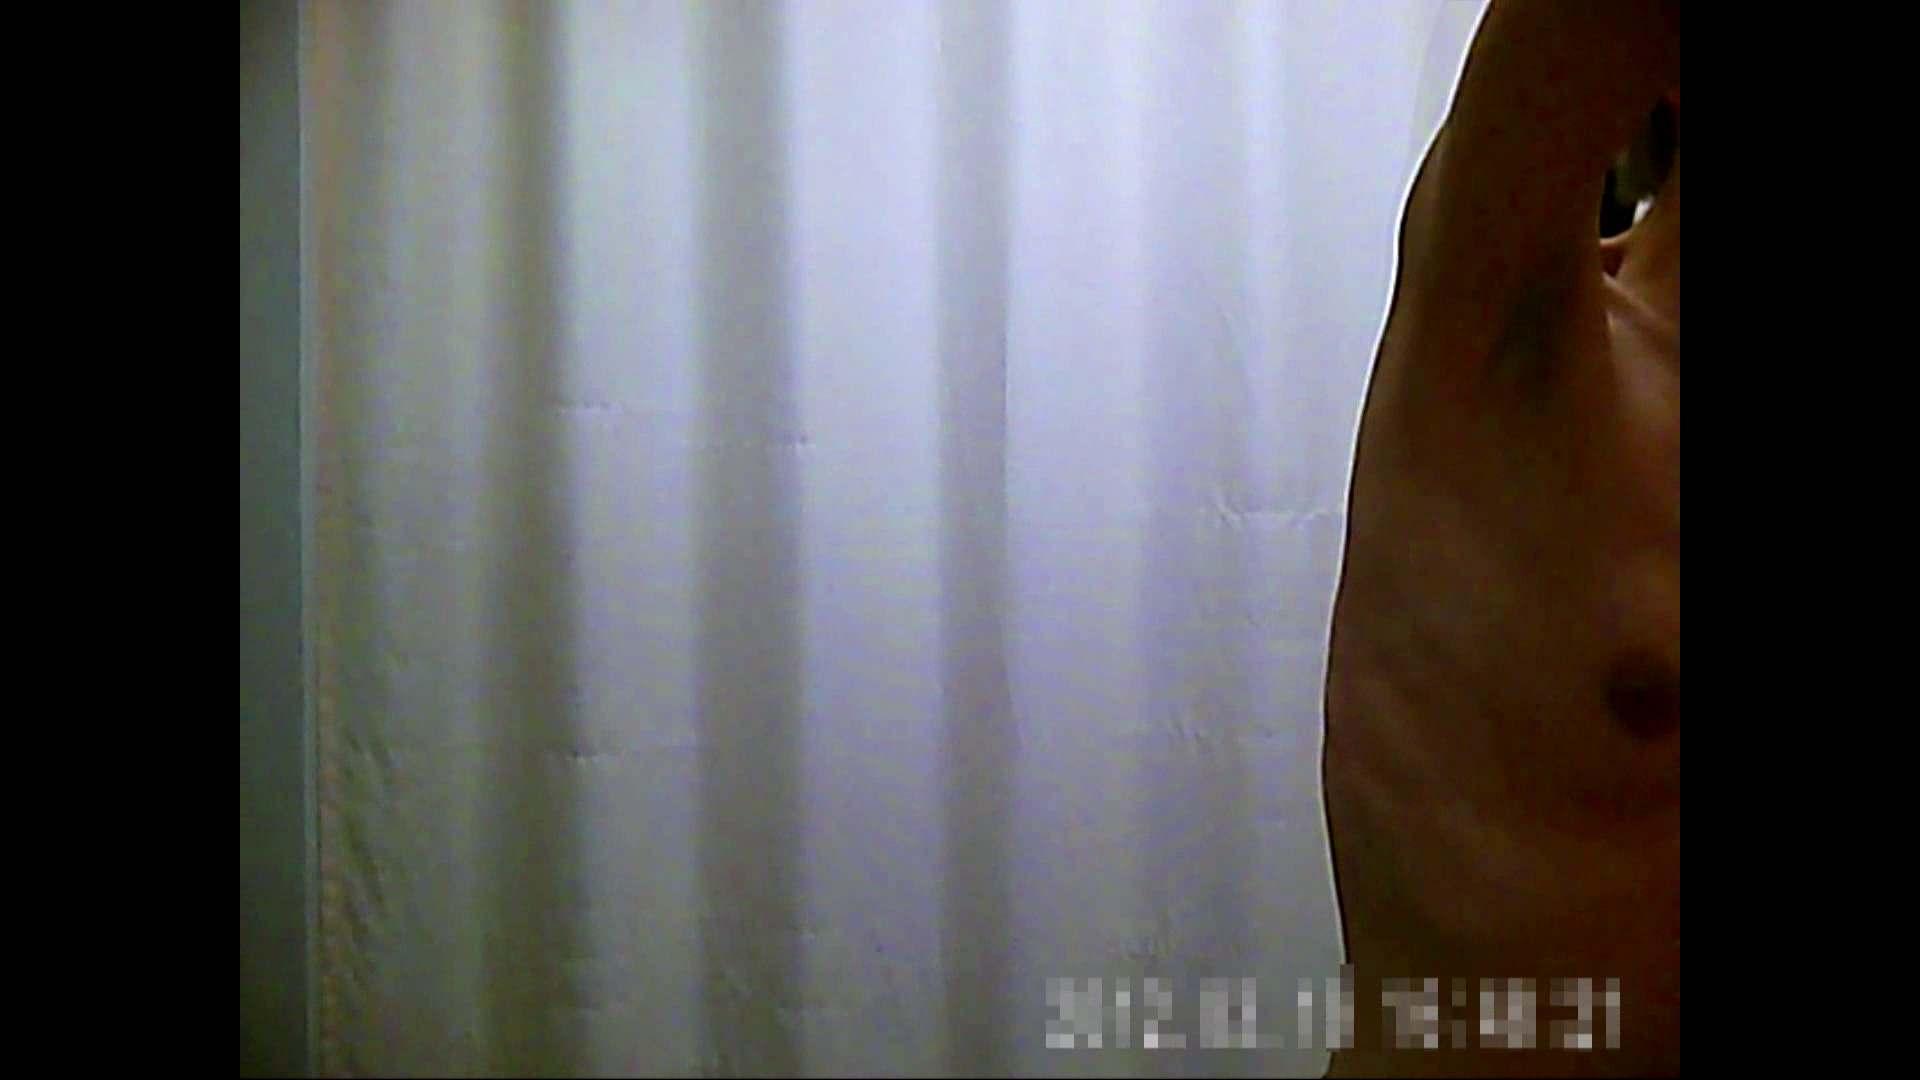 病院おもいっきり着替え! vol.266 乳首 のぞき動画画像 68PIX 3